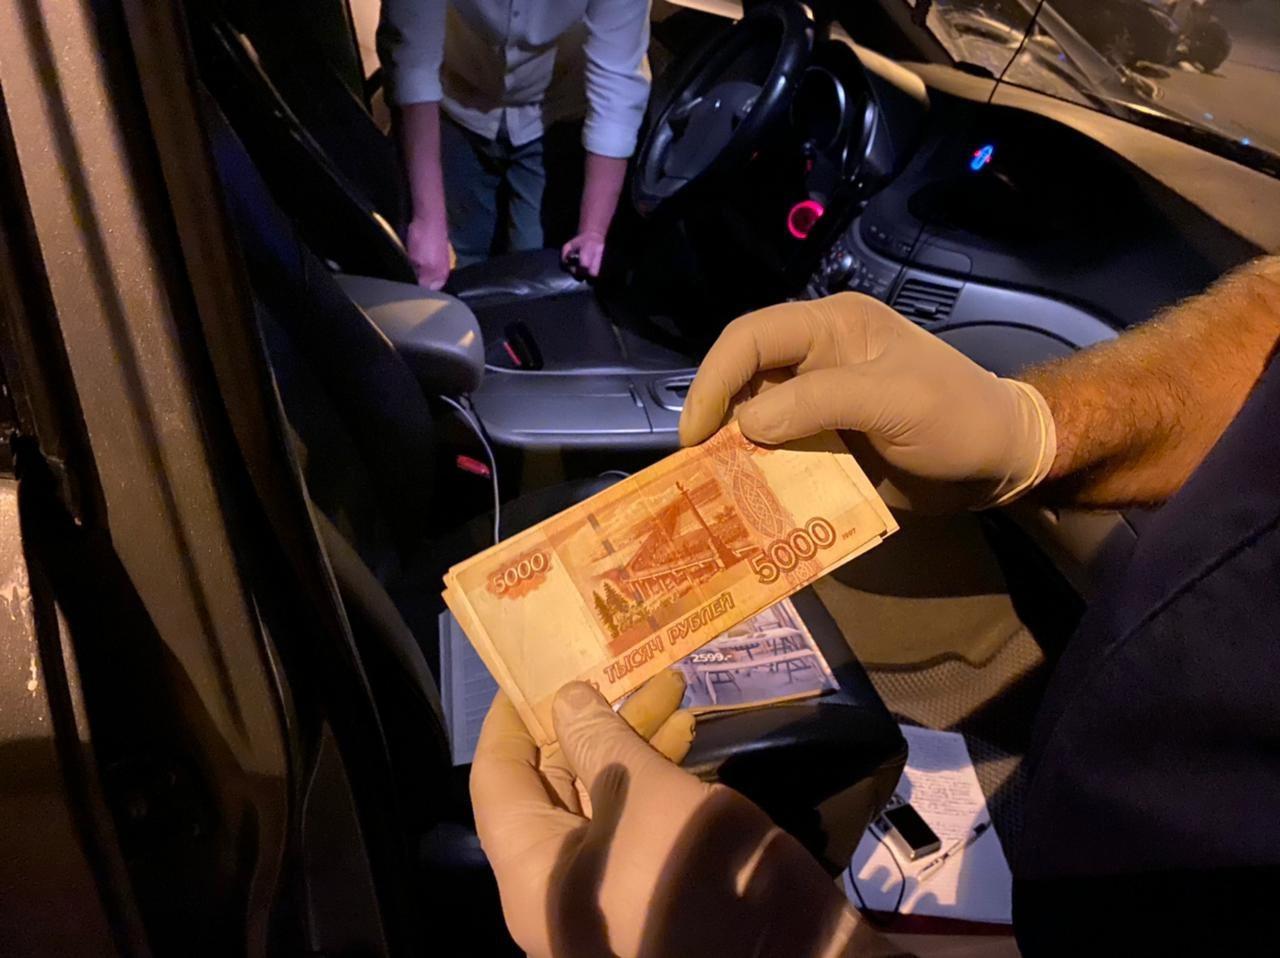 Севастопольского полицейского арестовали по обвинению в мошенничестве